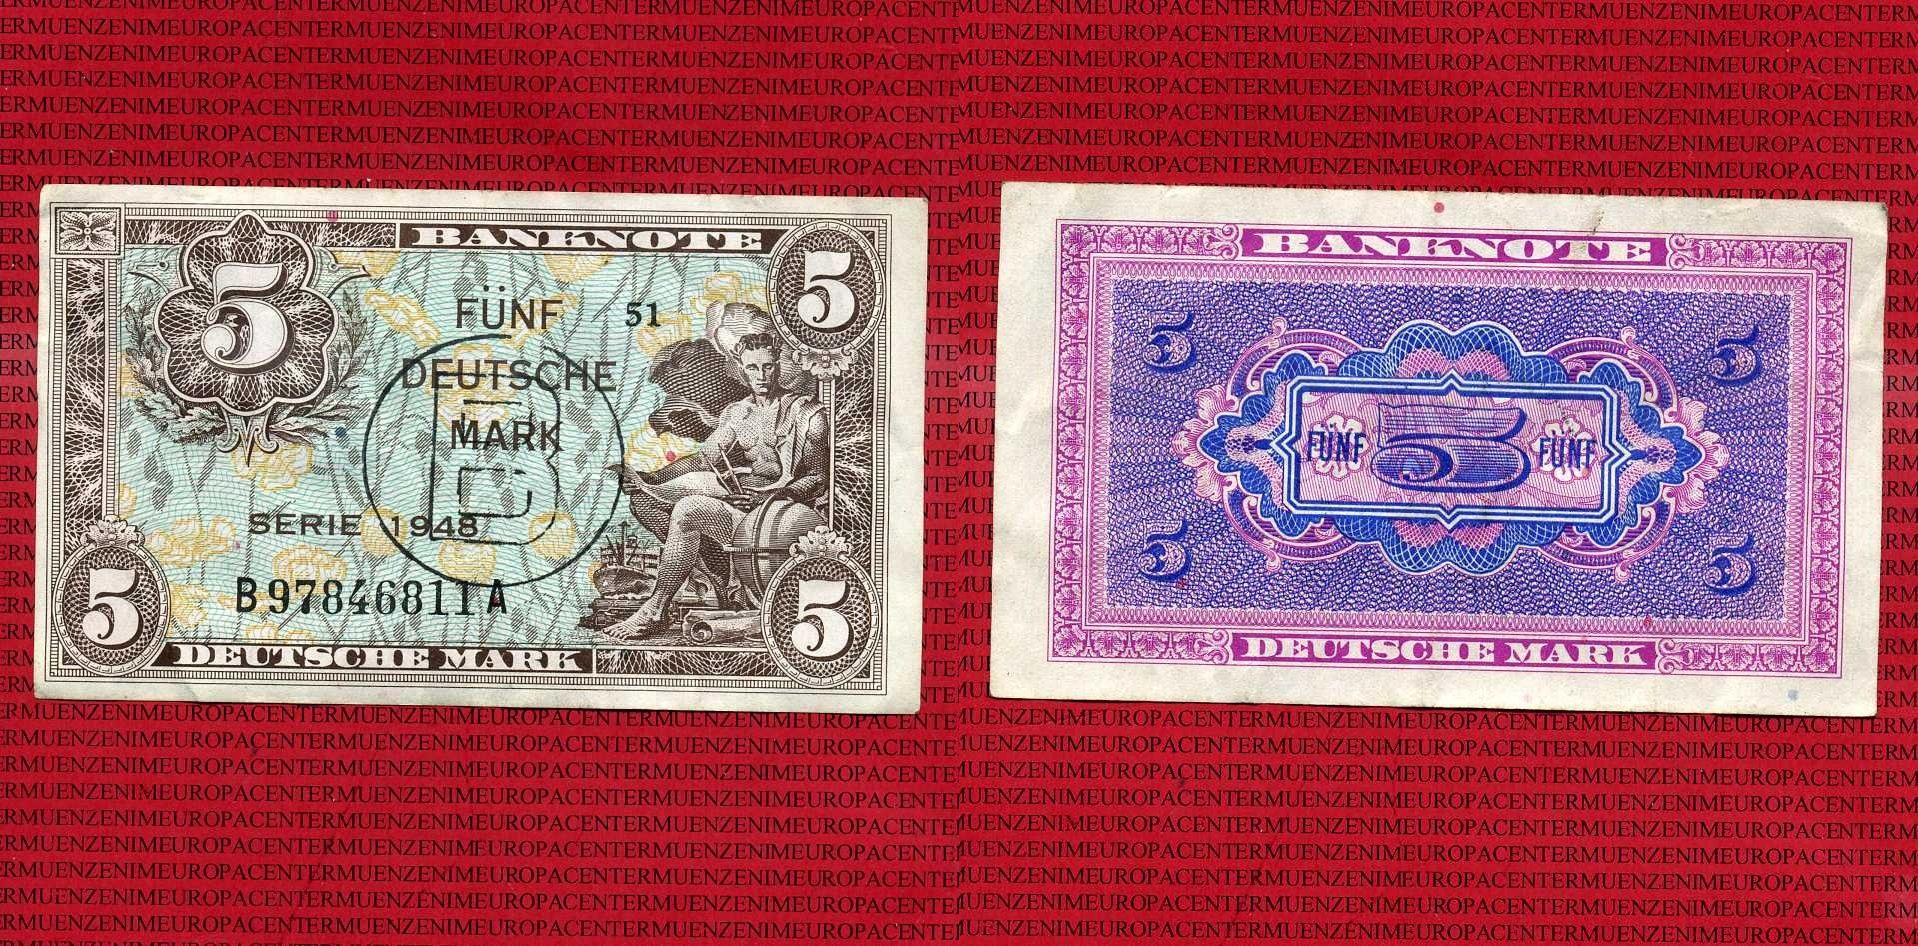 5 DM Kopfgeld mit B-Stempel 1948 Deutschland Deutschland 1948 Banknote 5 Deutsche Mark DM, mit B-Stempel für West-Berlin Gebraucht III